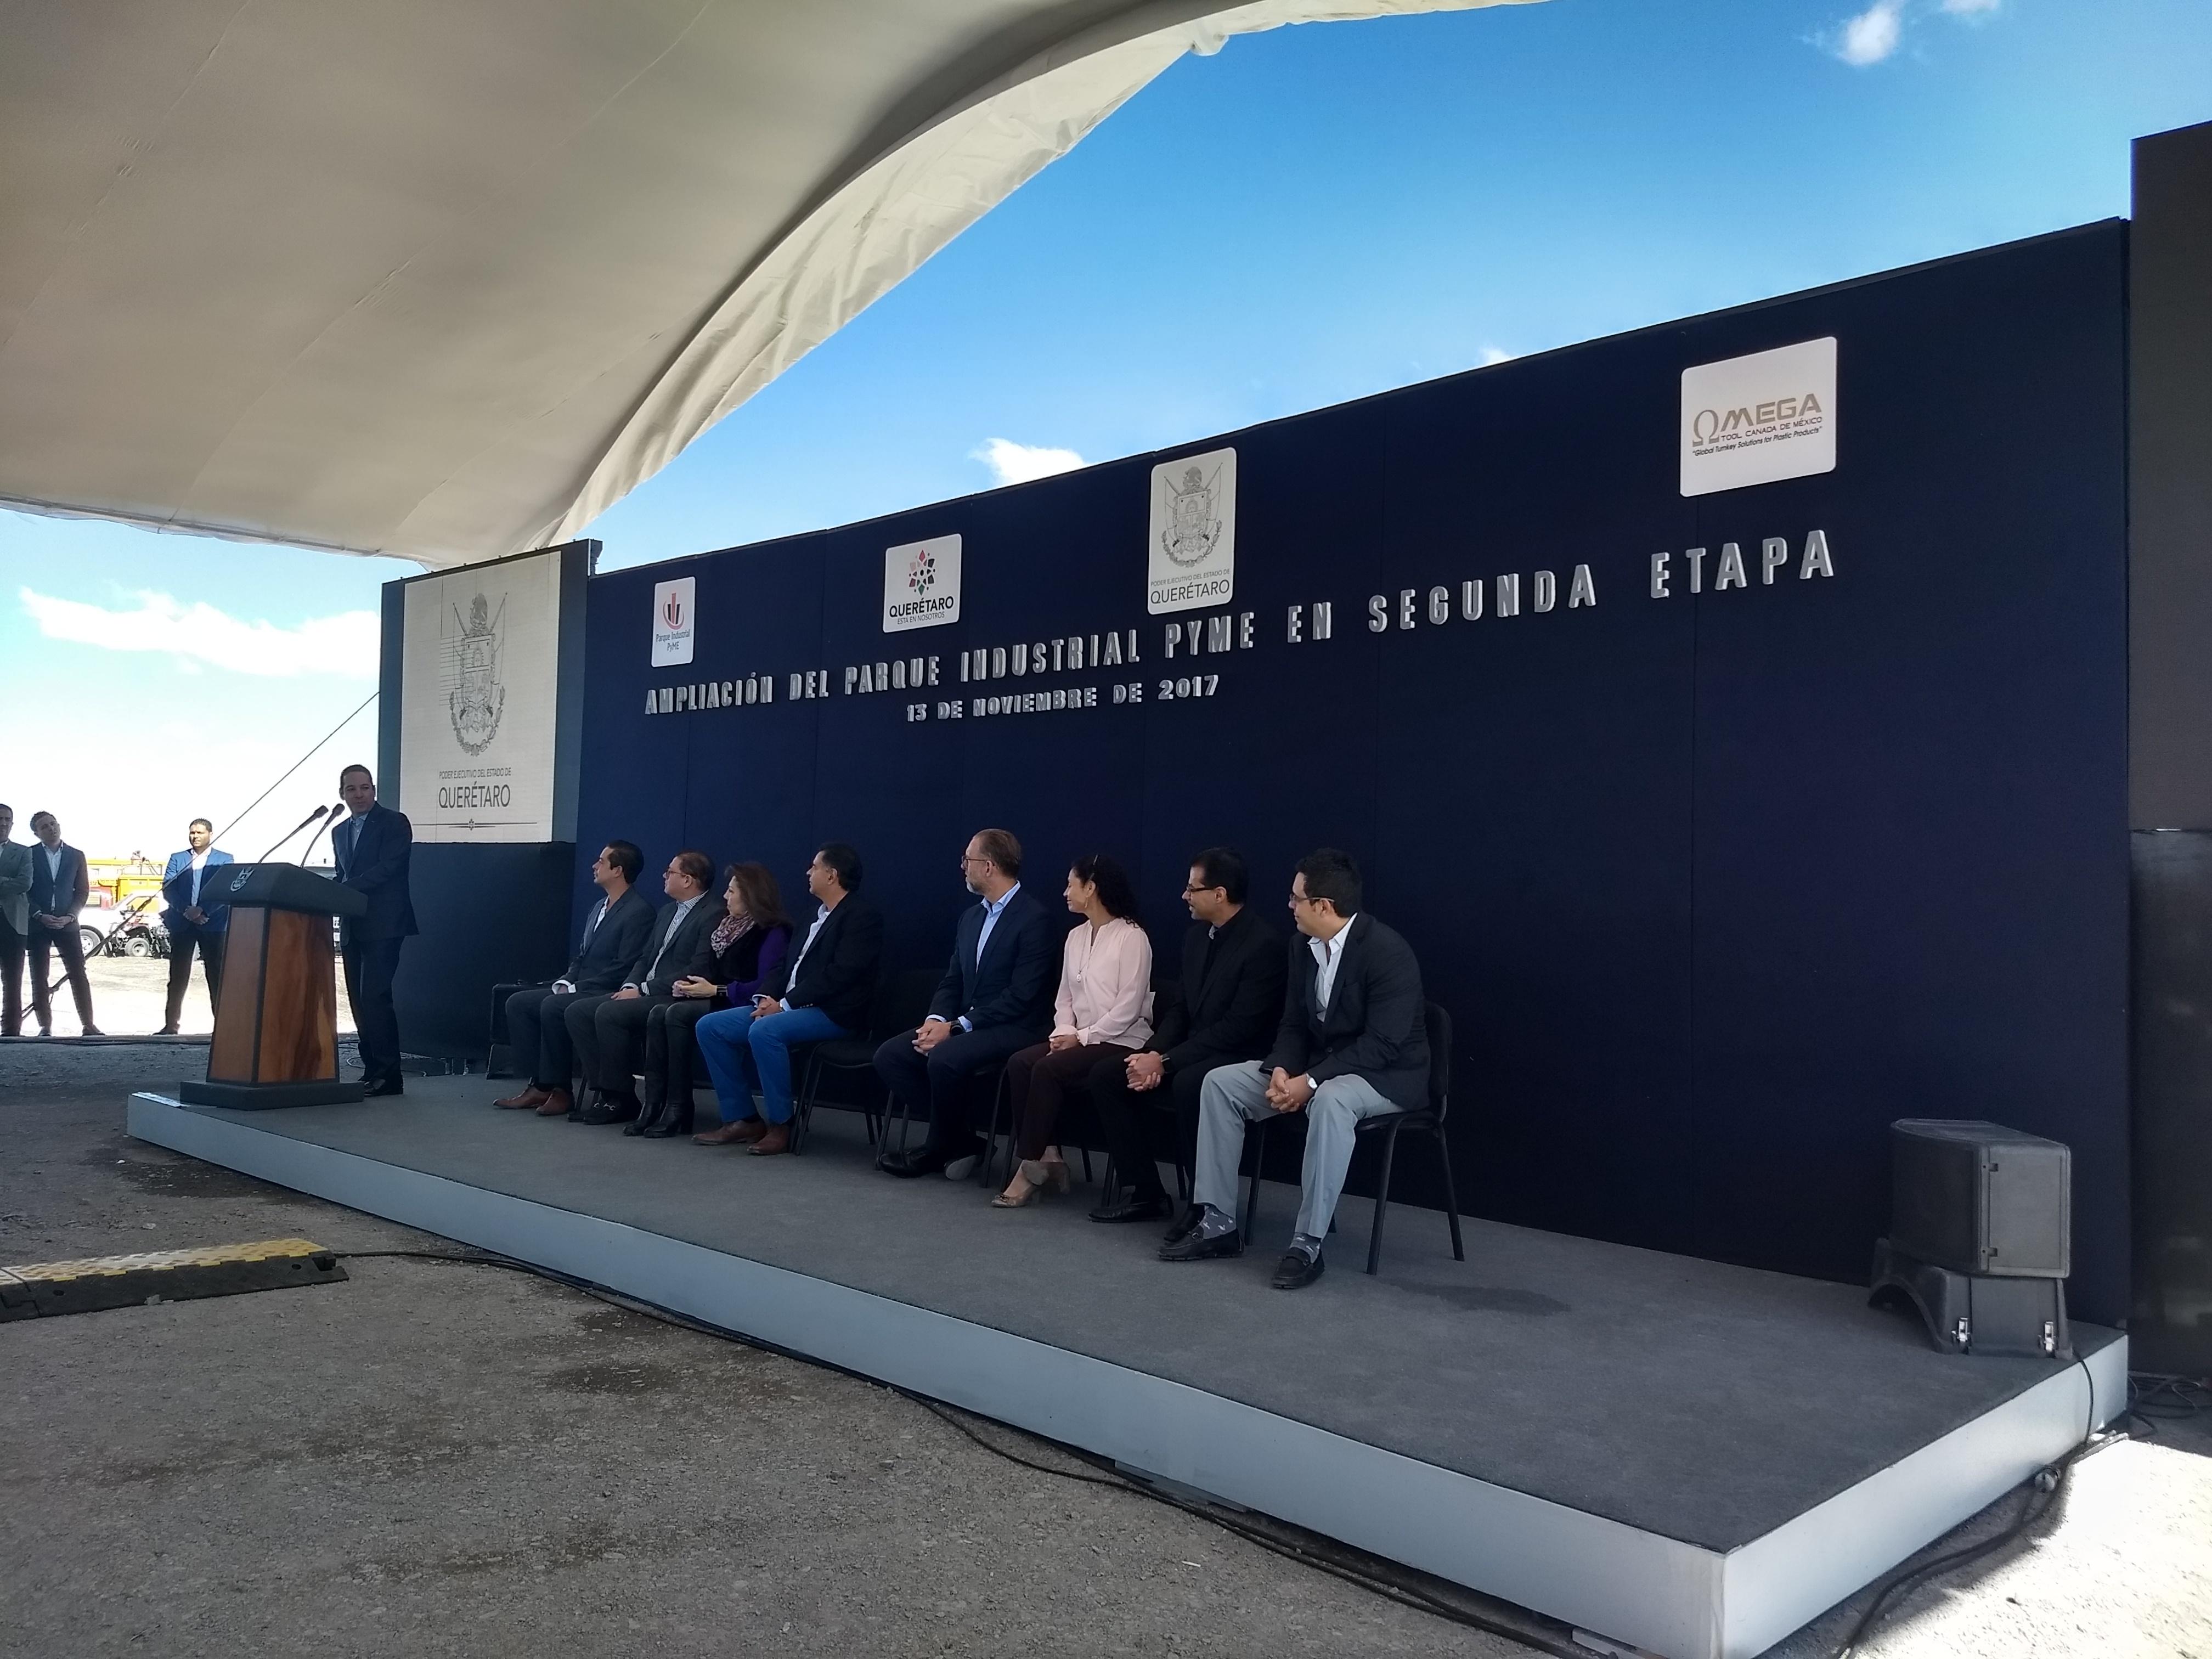 Espera Querétaro asentamiento de 220 empresas para segunda etapa del Parque Industrial Pyme